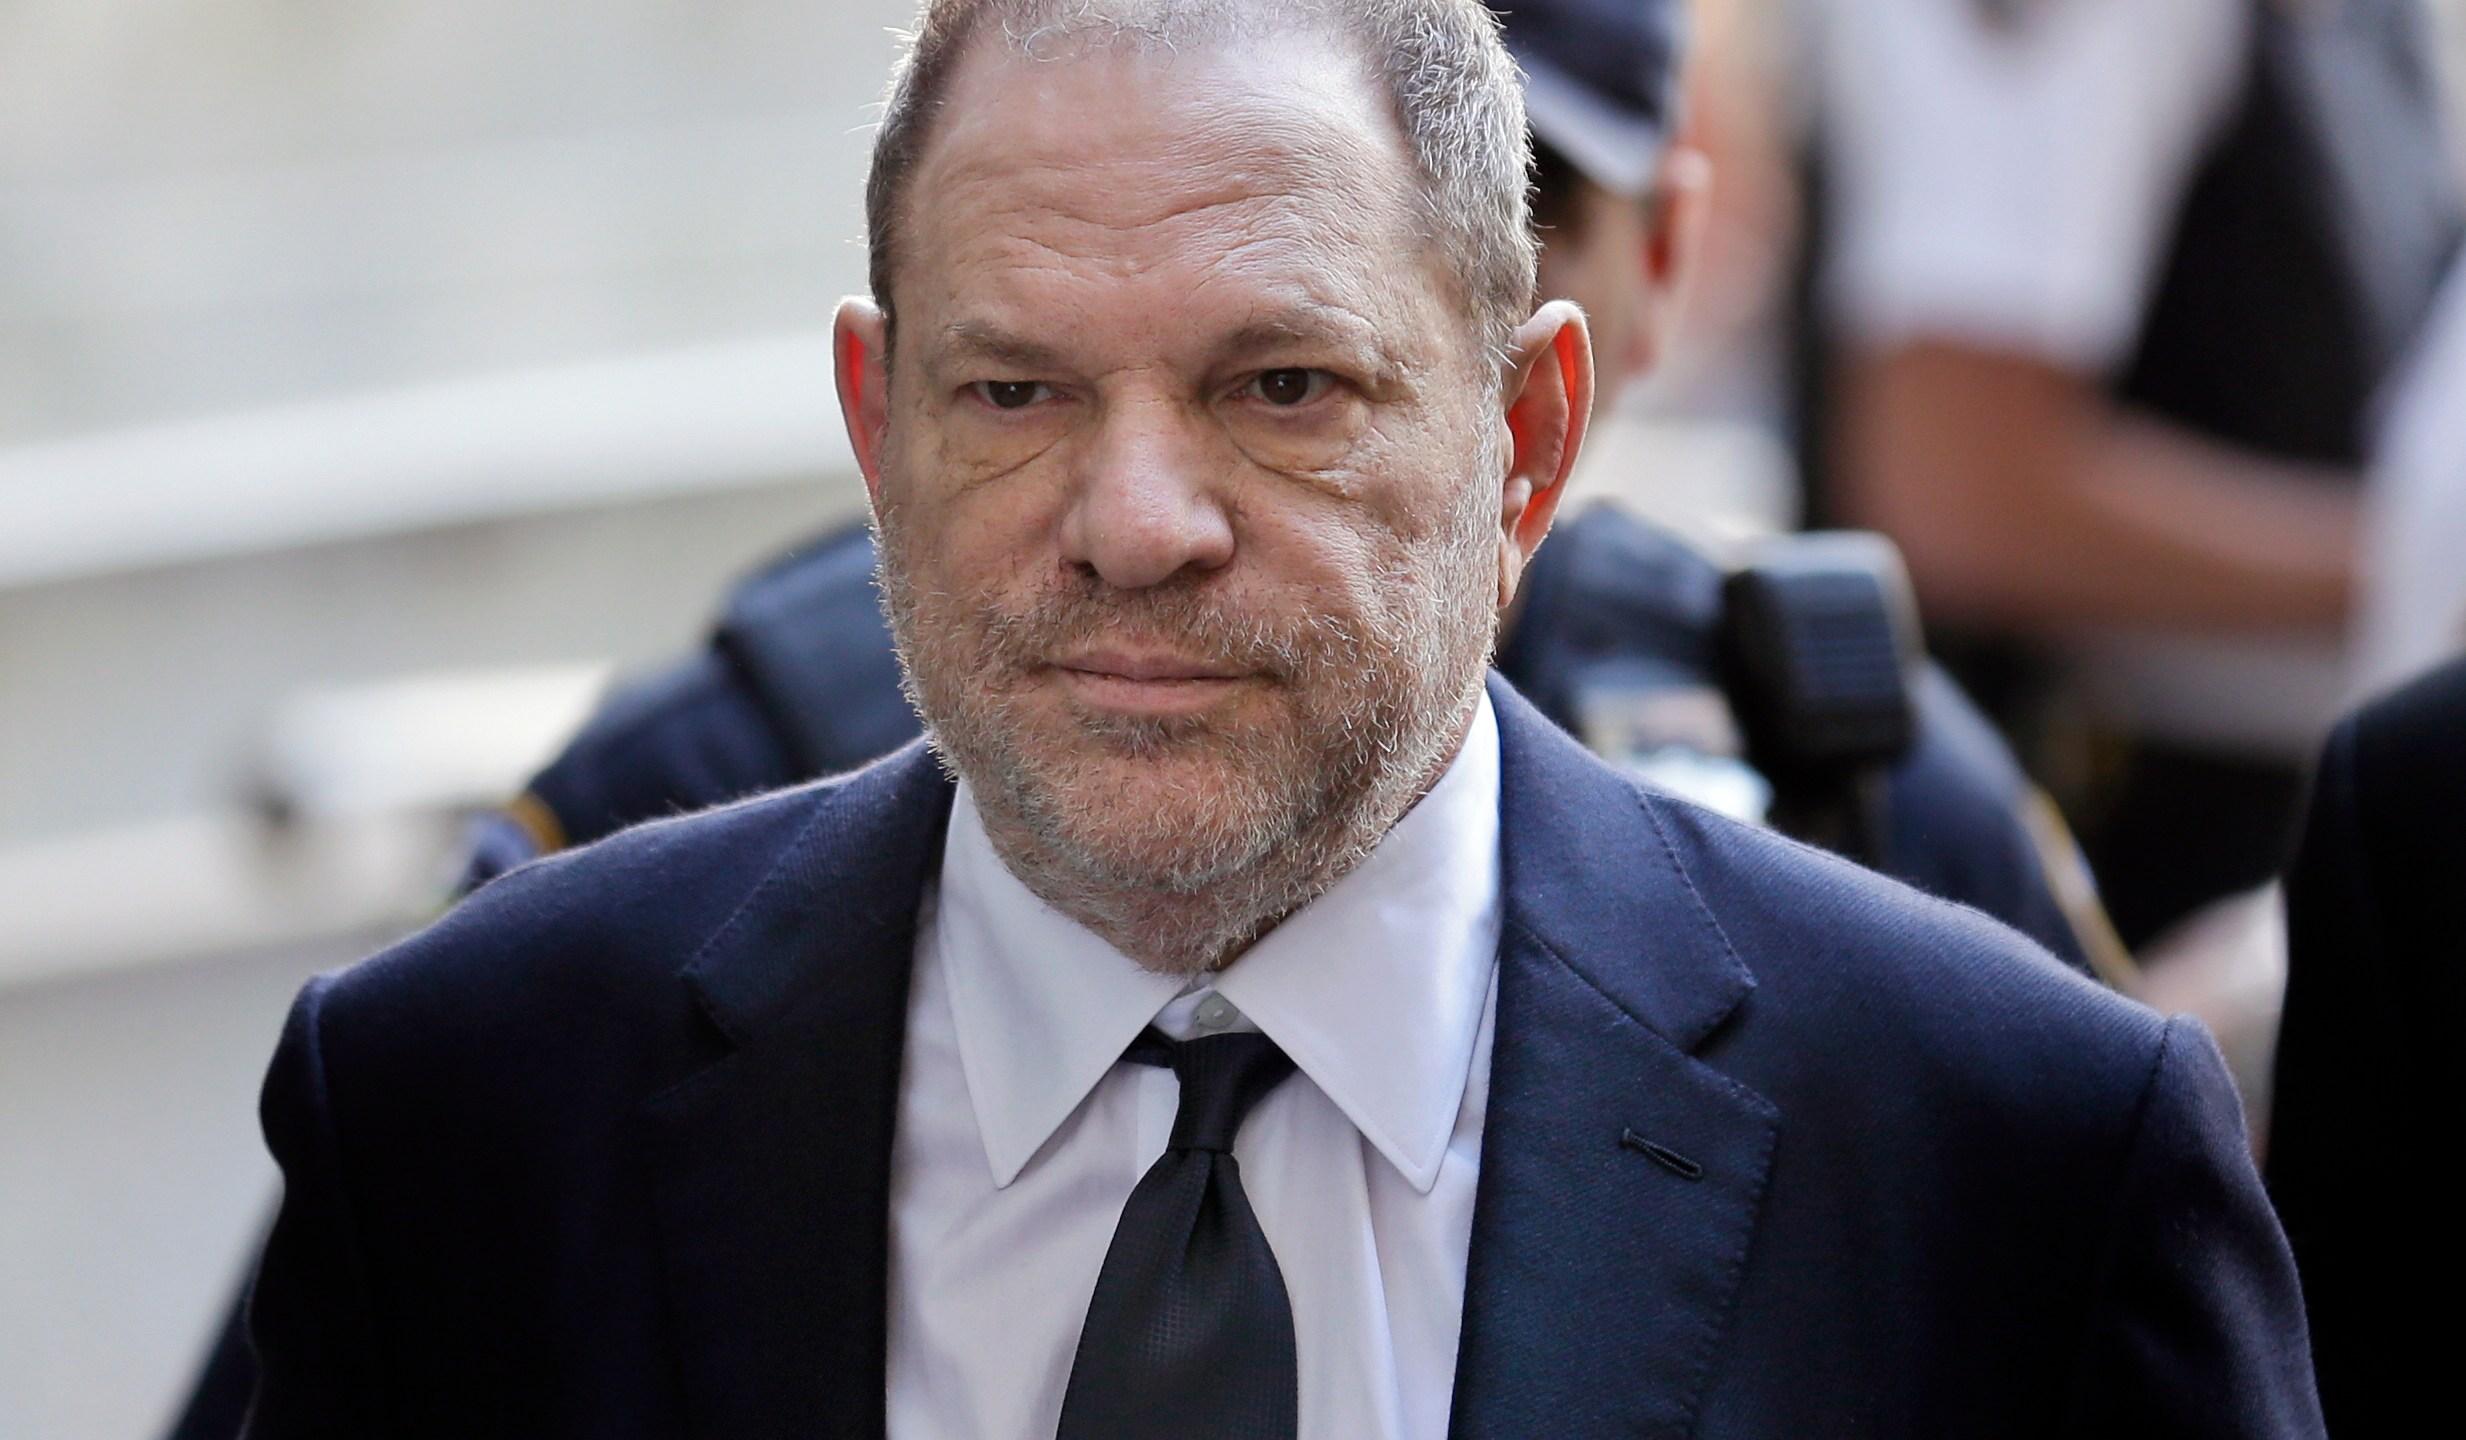 Sexual_Misconduct_Harvey_Weinstein_88780-159532.jpg62166342